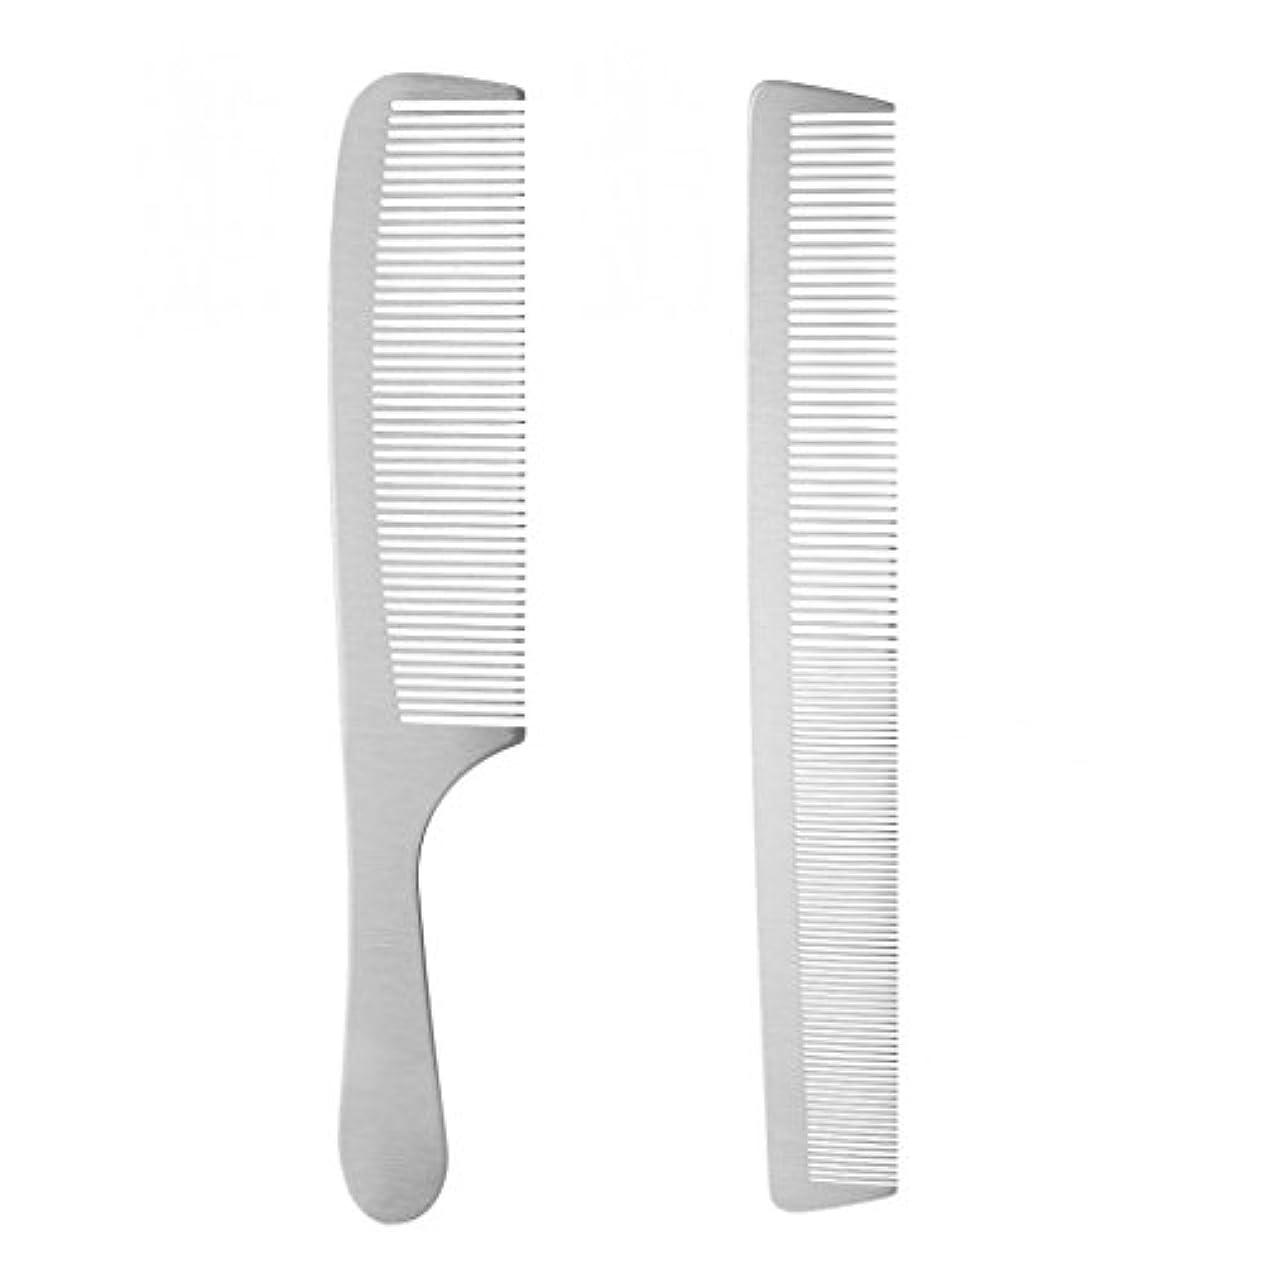 CUTICATE 2倍美容院ヘアカットツールヘアスタイリングブラシヘアスタイリングくし理容ツール